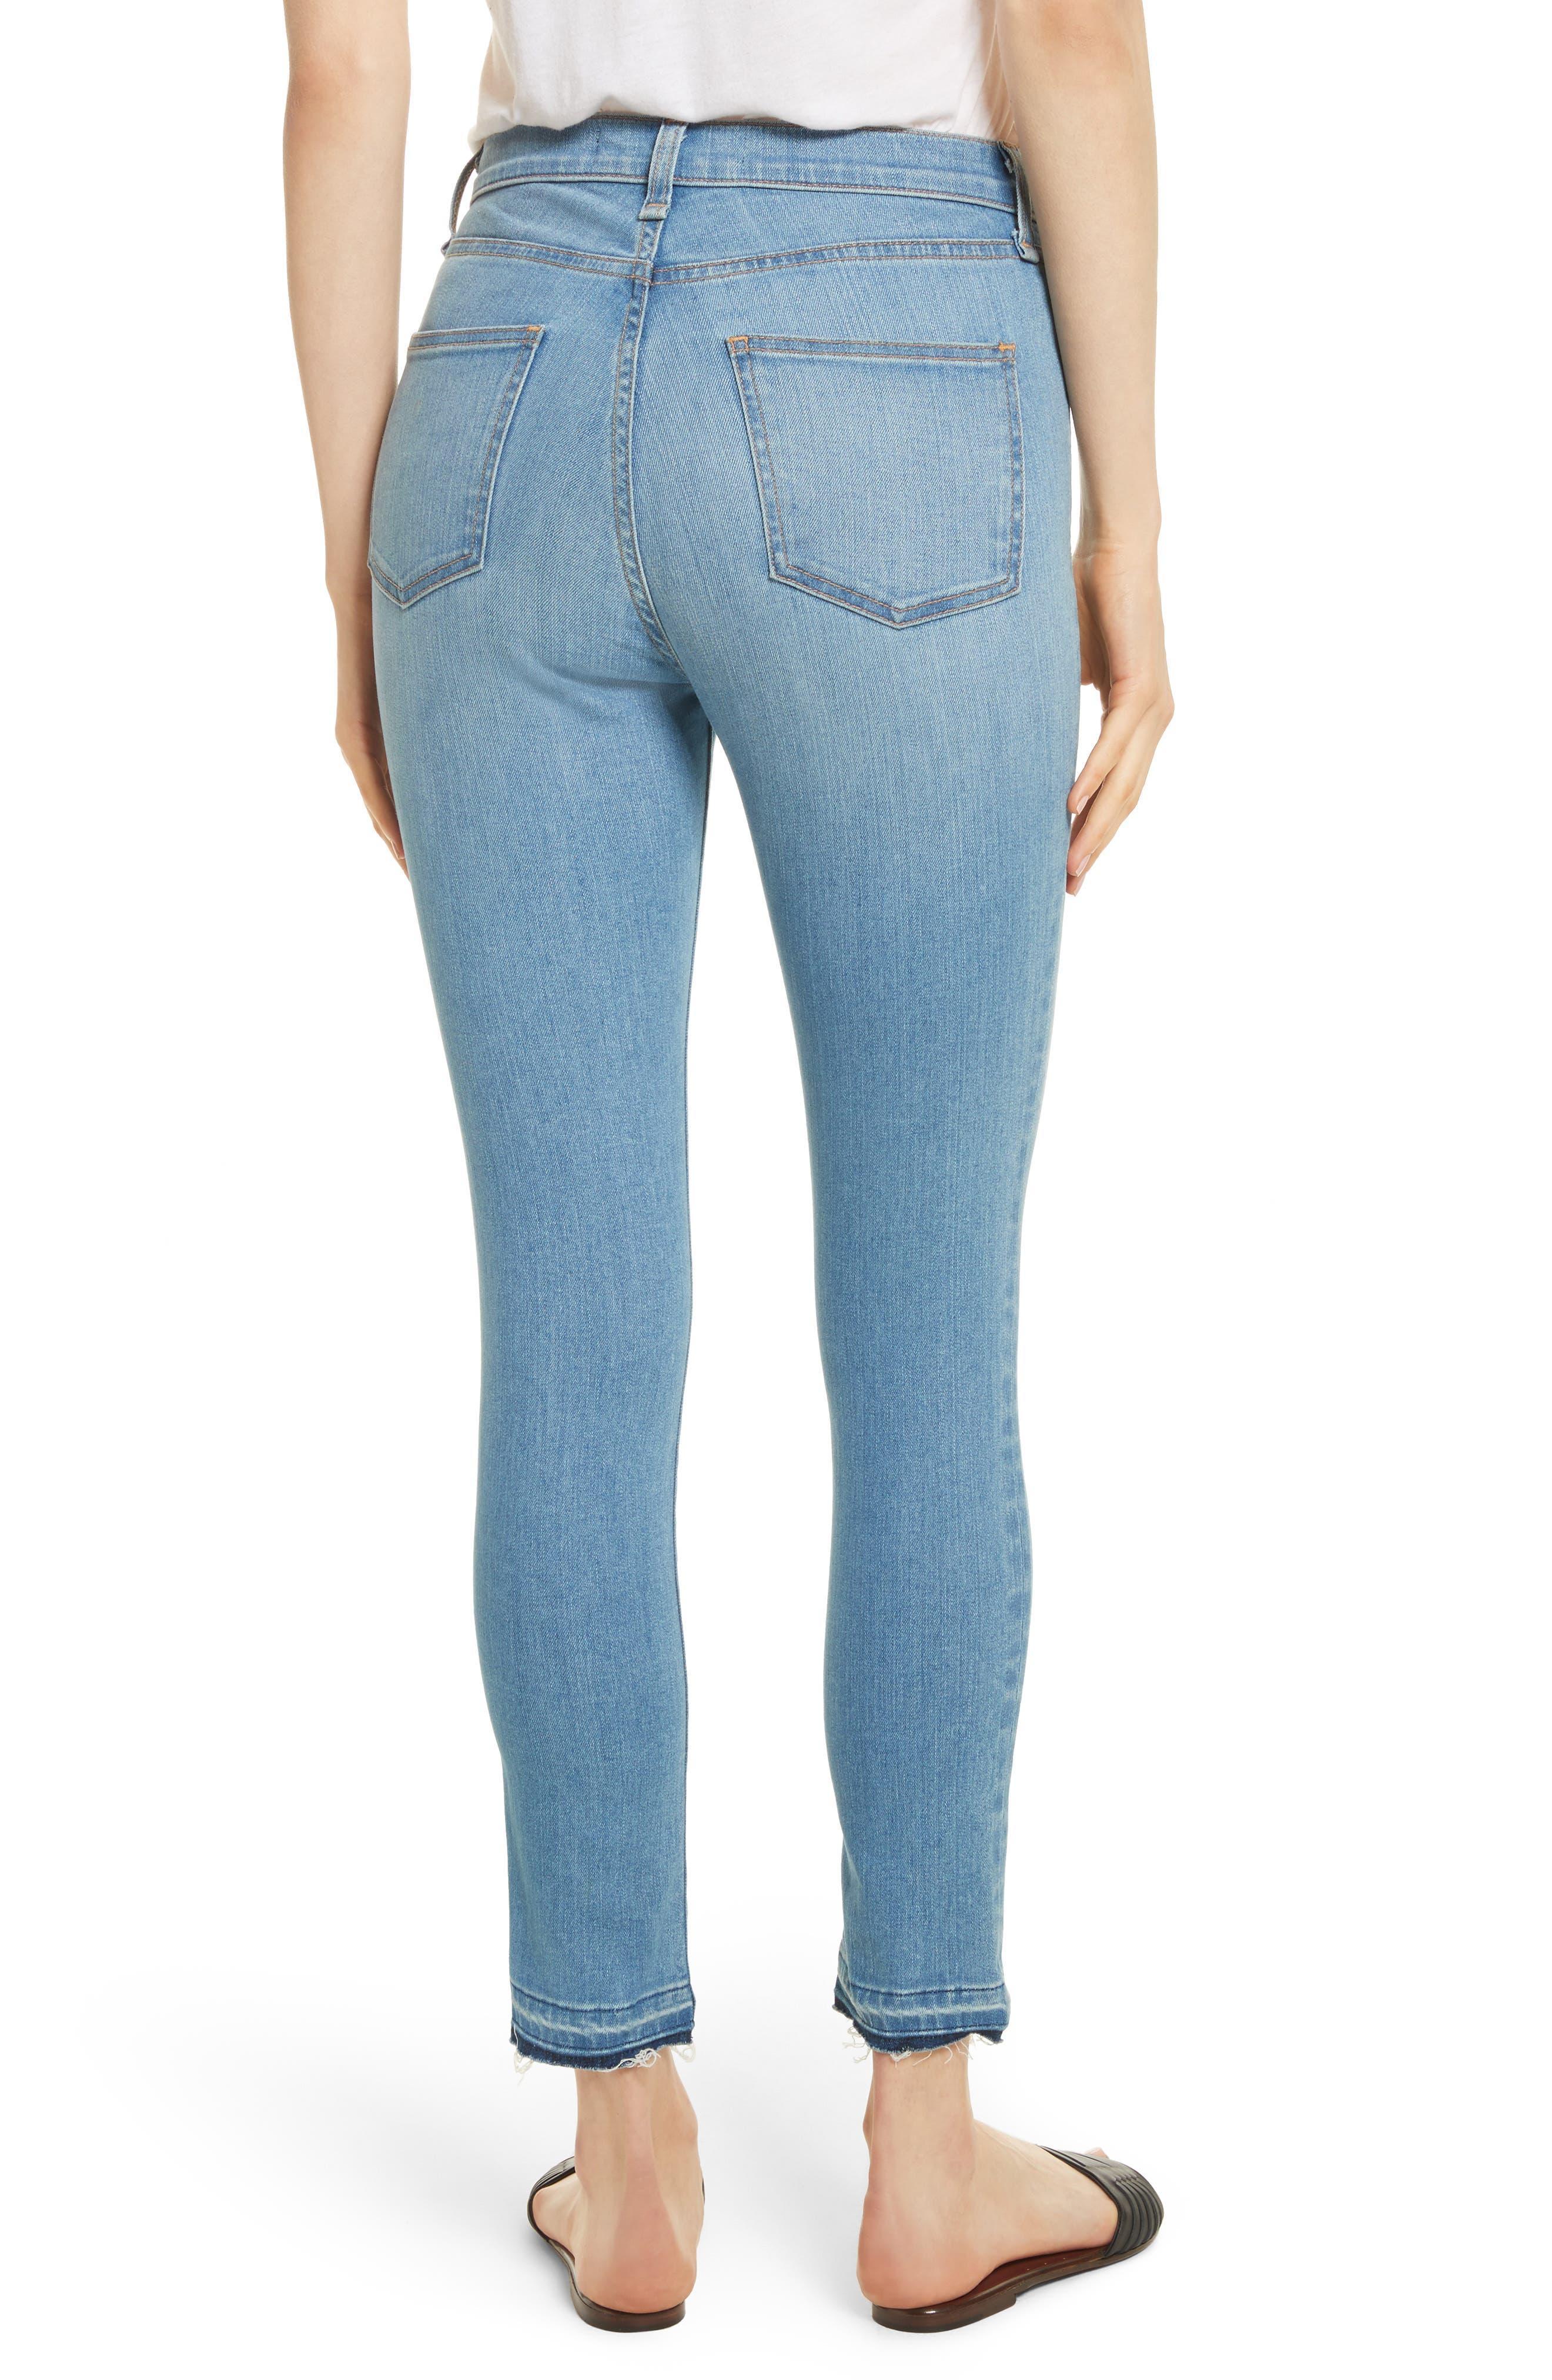 Debbie Frayed Crop Skinny Jeans,                             Alternate thumbnail 2, color,                             Ocean Blue